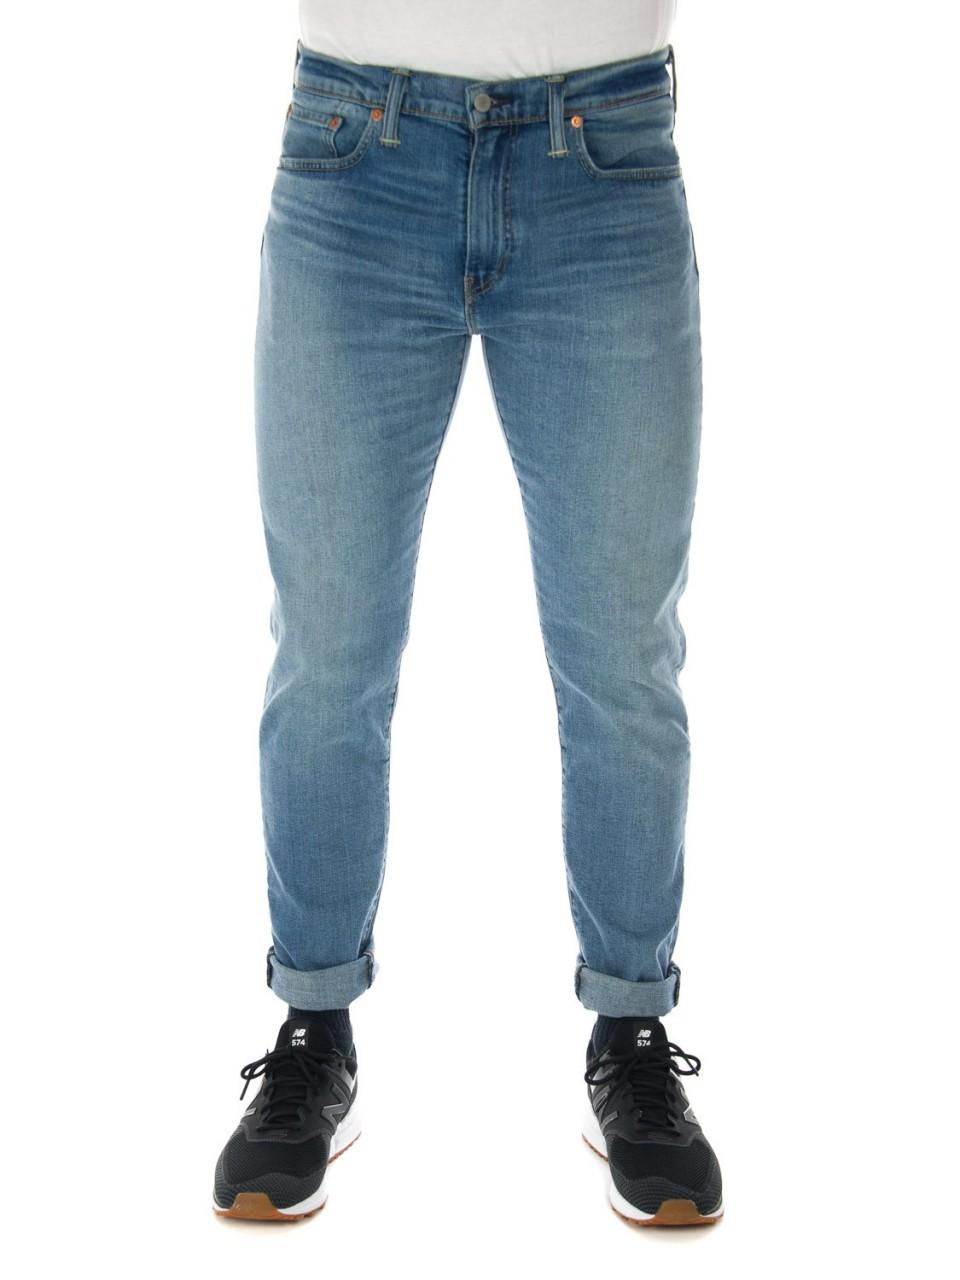 Levi's Uomo Jeans Levi's Uomo 512 River Creek L 34 Slim Taper 8330184H